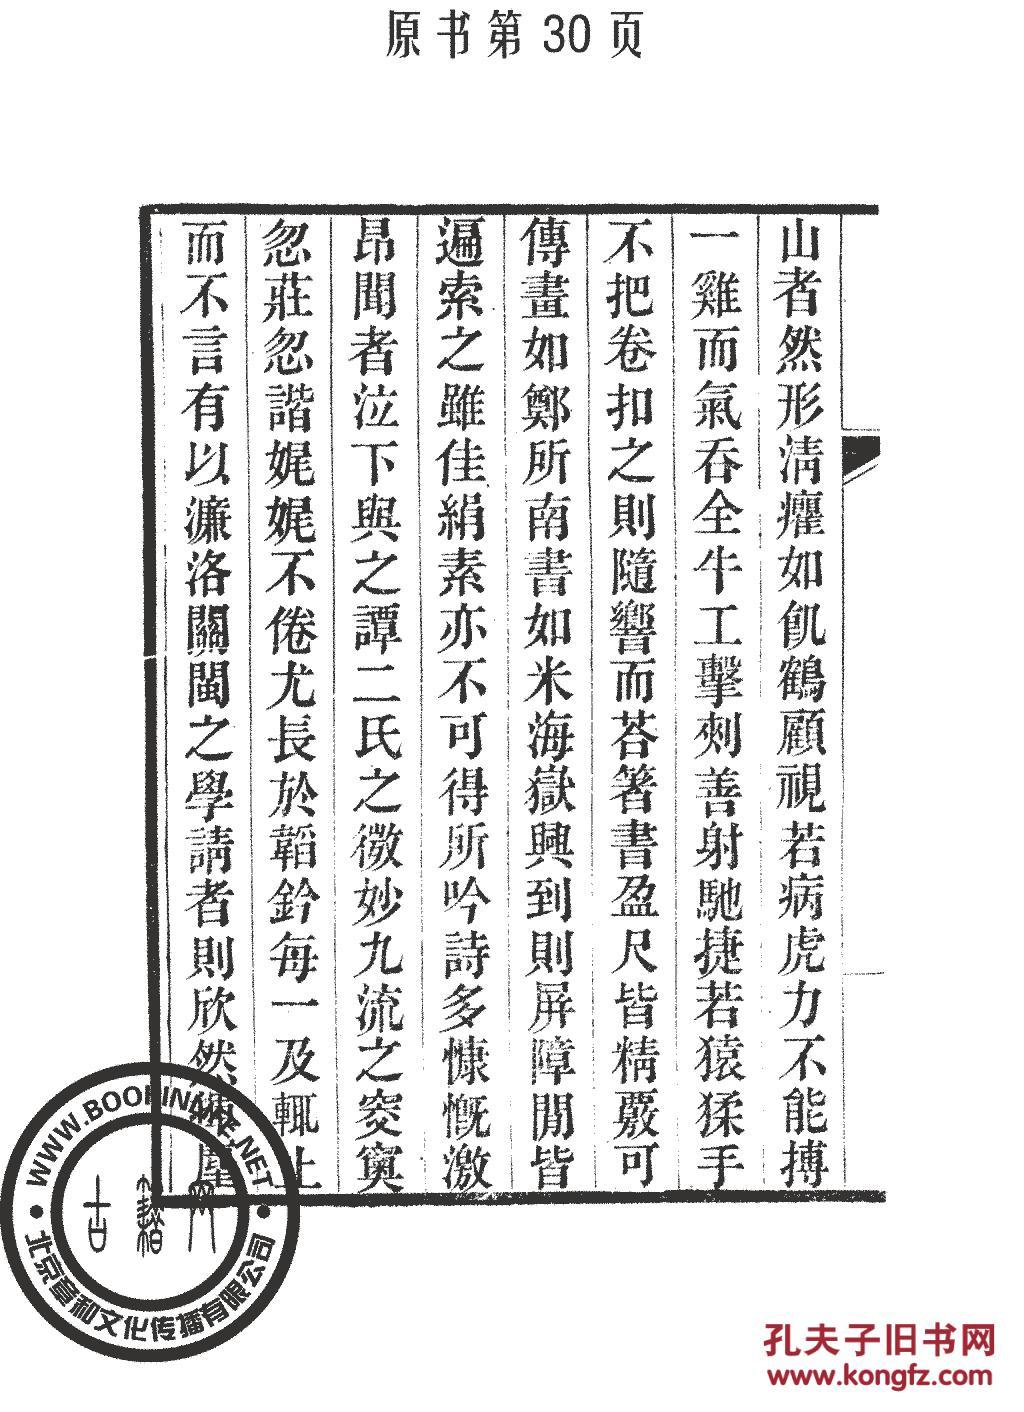 乐徐氏唱段、琴谱)曲谱-京剧曲谱-爱曲谱网移动版